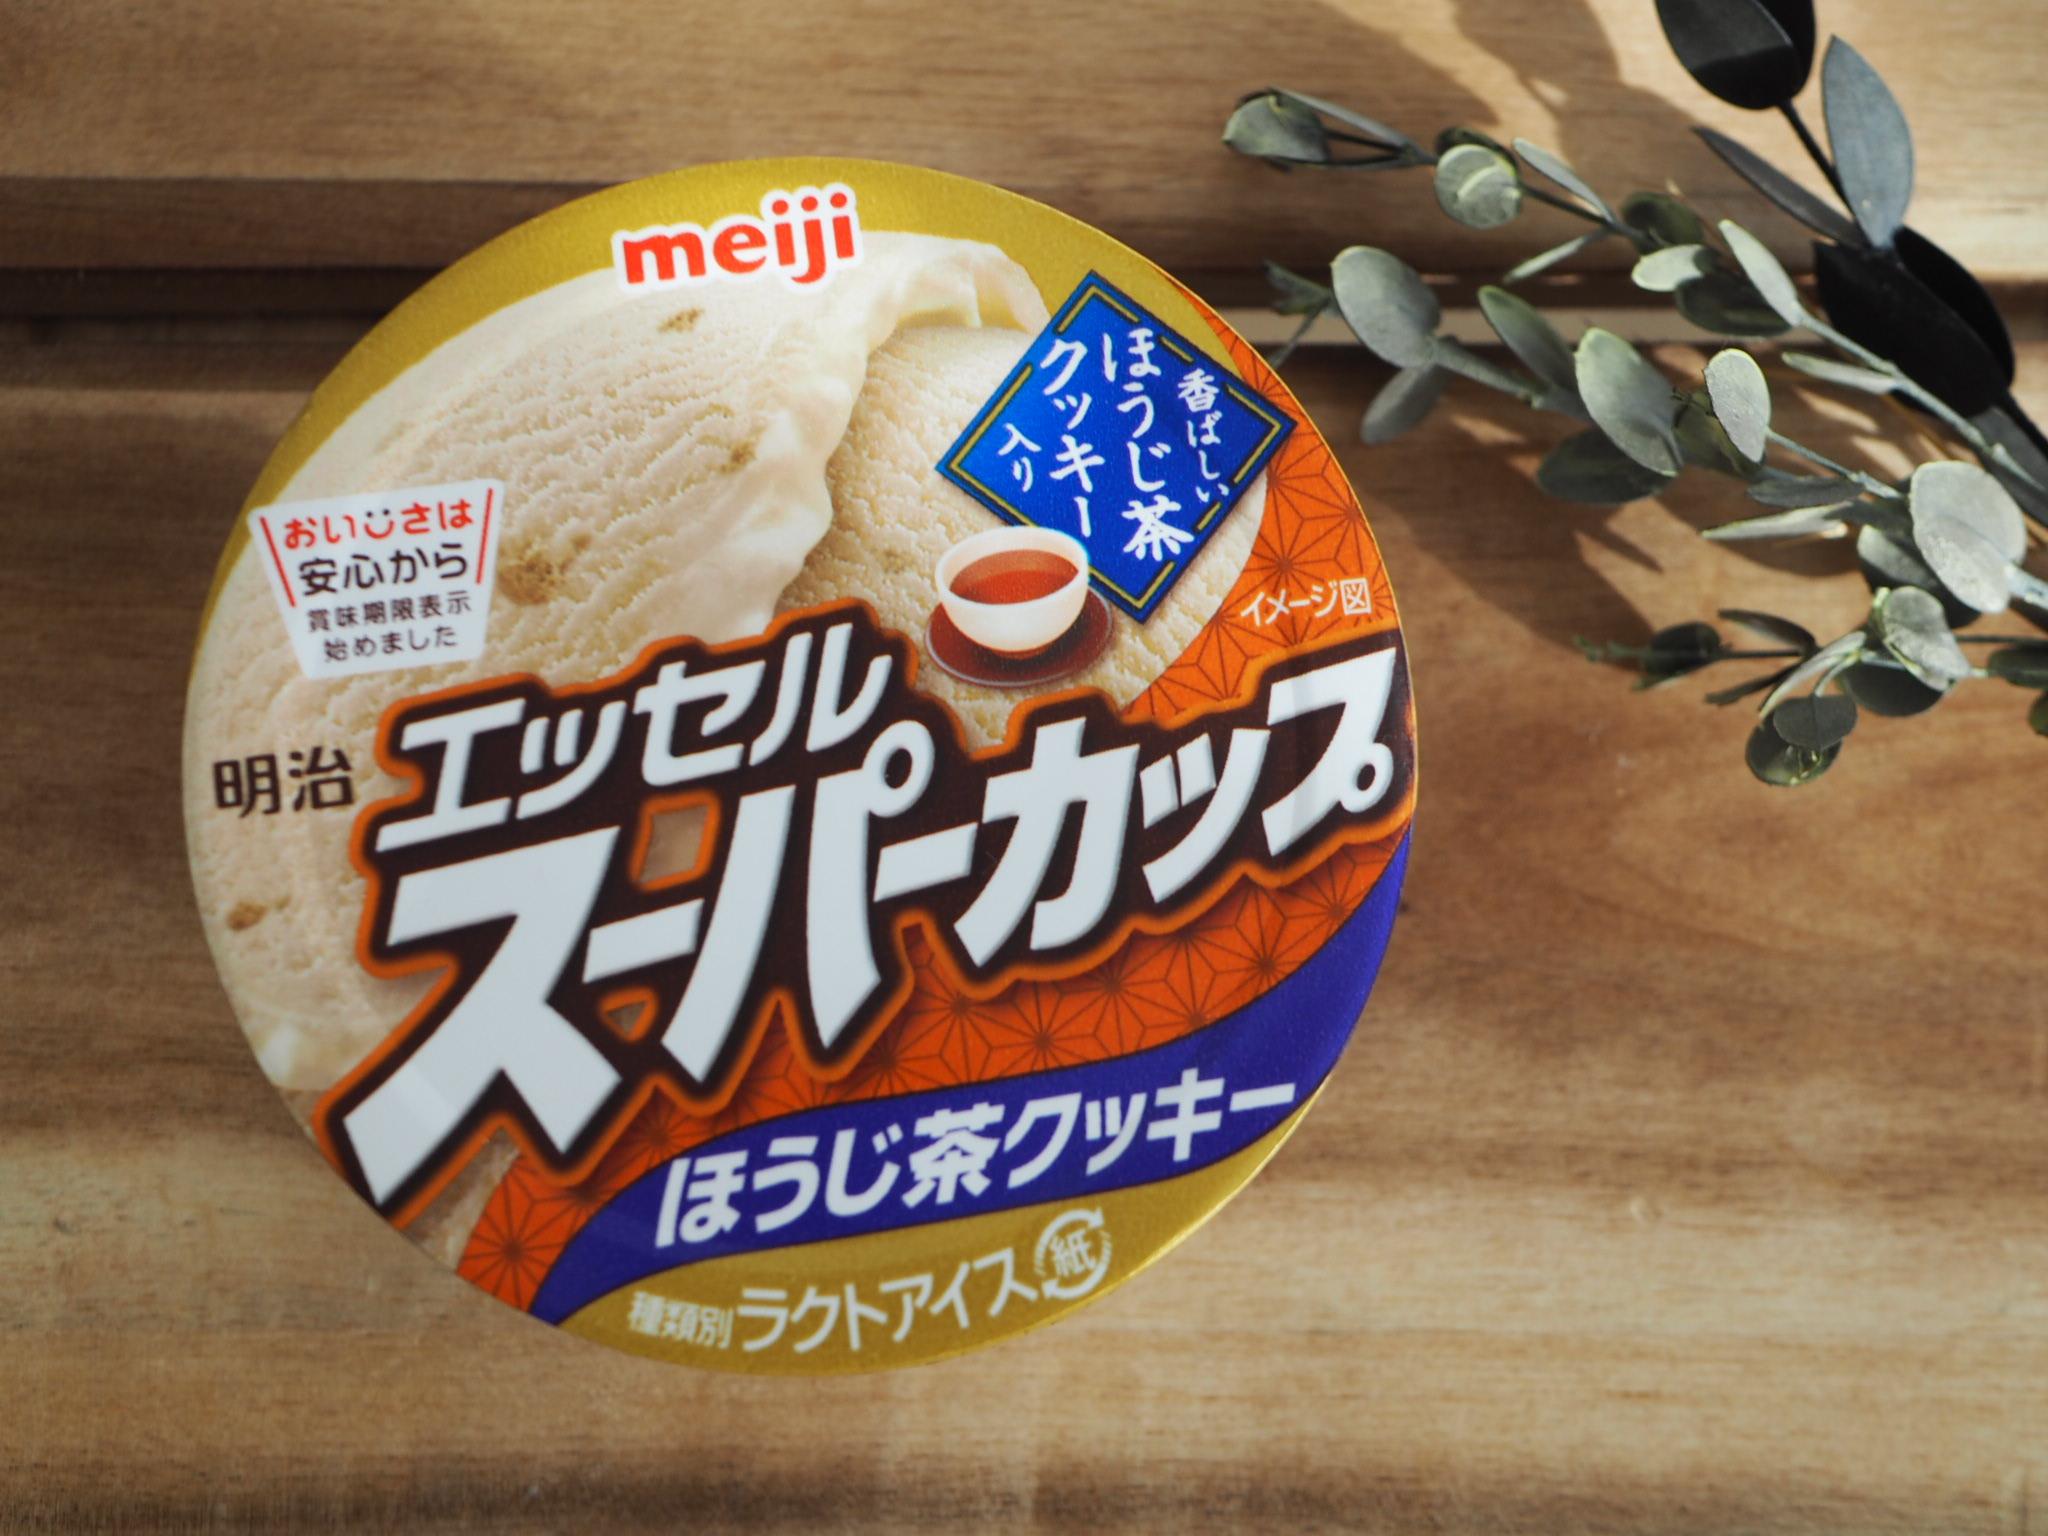 【大人のためのスーパーカップ】初の《ほうじ茶クッキーアイス》フレーバー❃❃❃_1